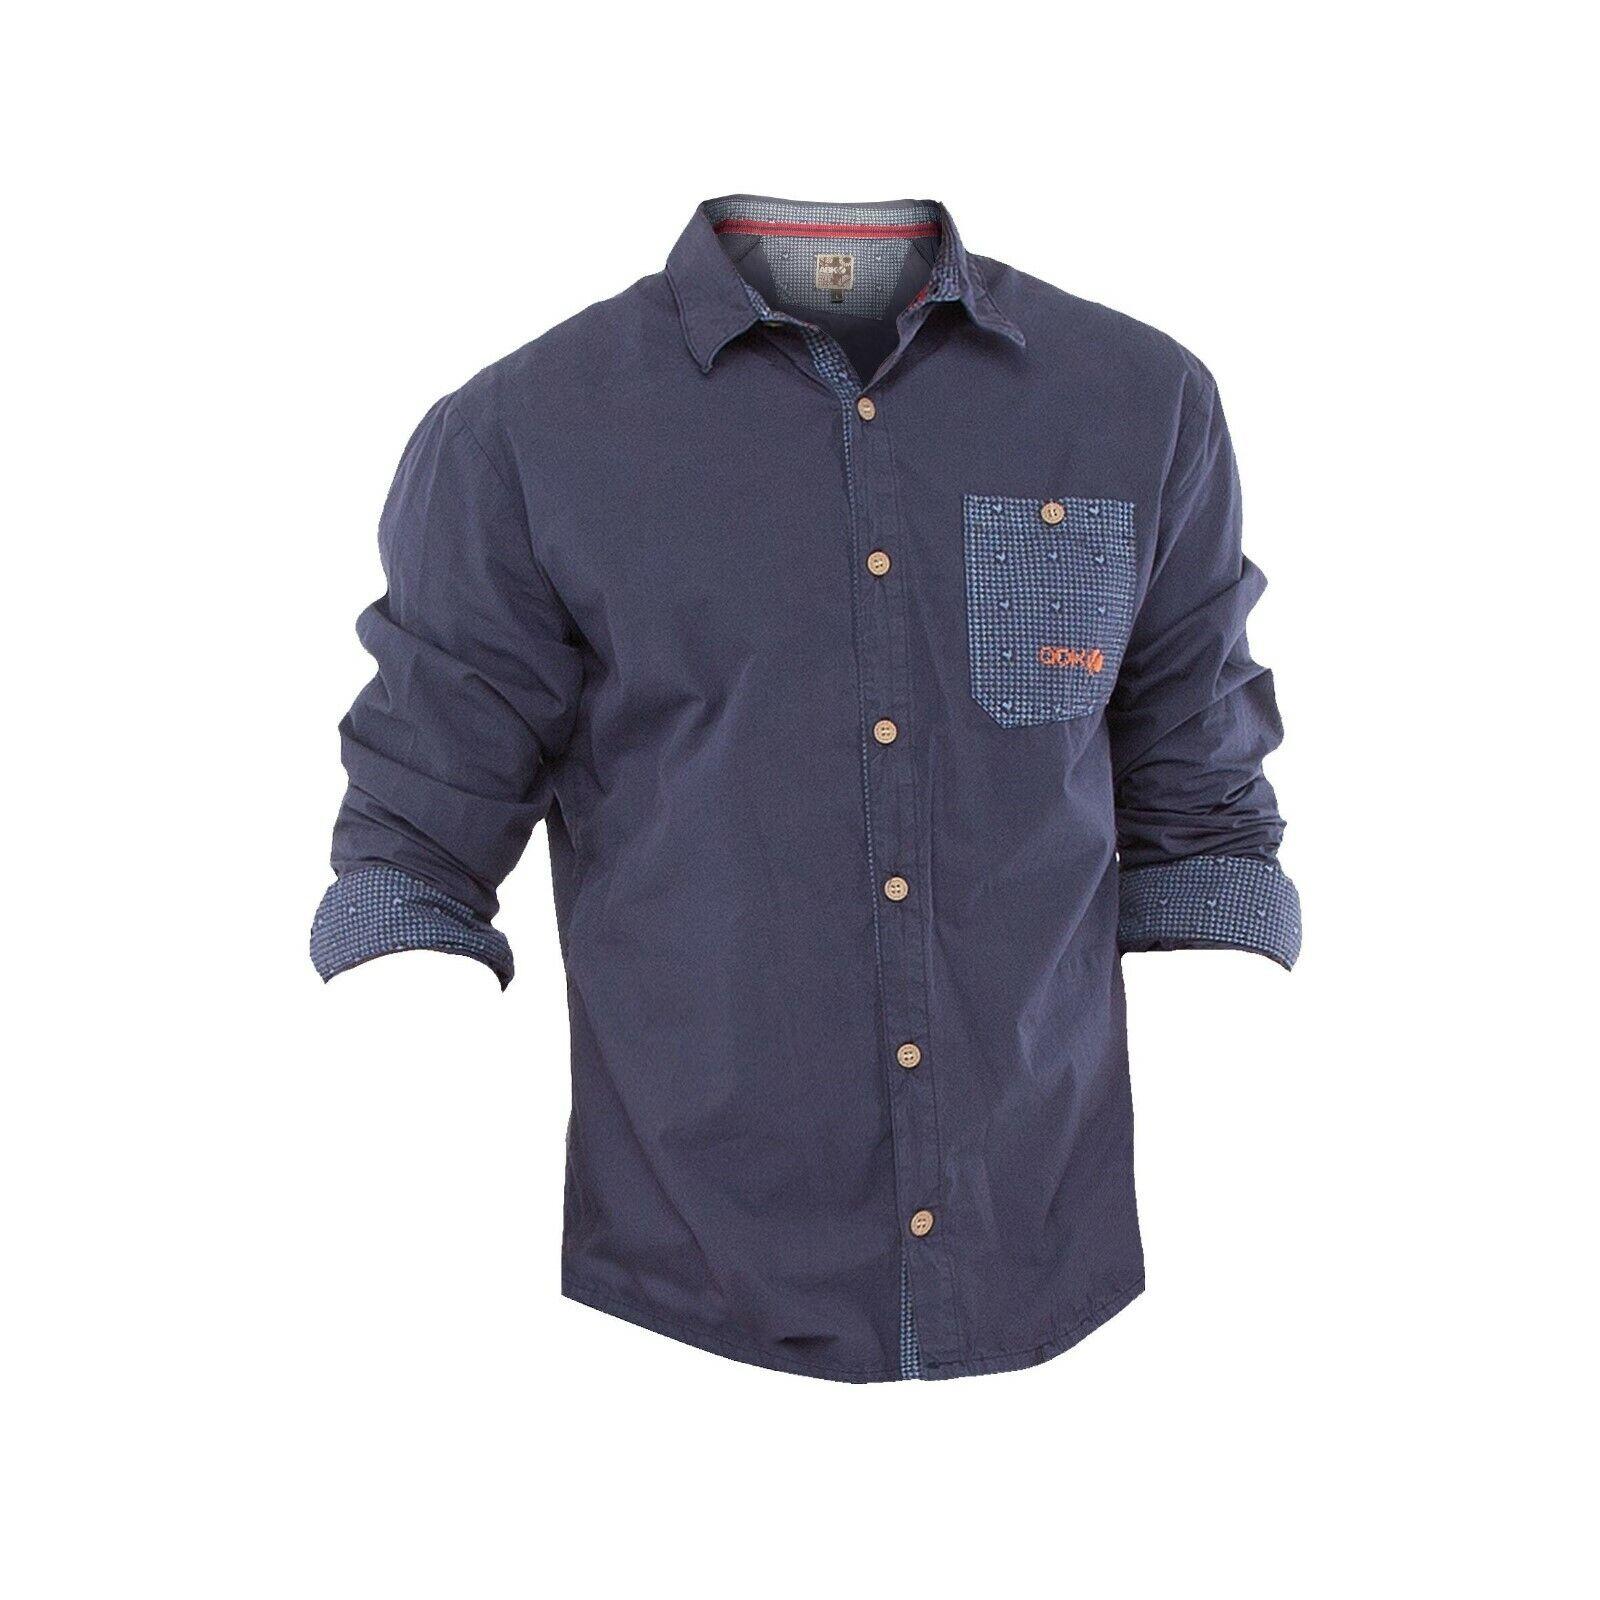 Ny thian Shan camisa-ligero camisa manga larga de algodón para hombre